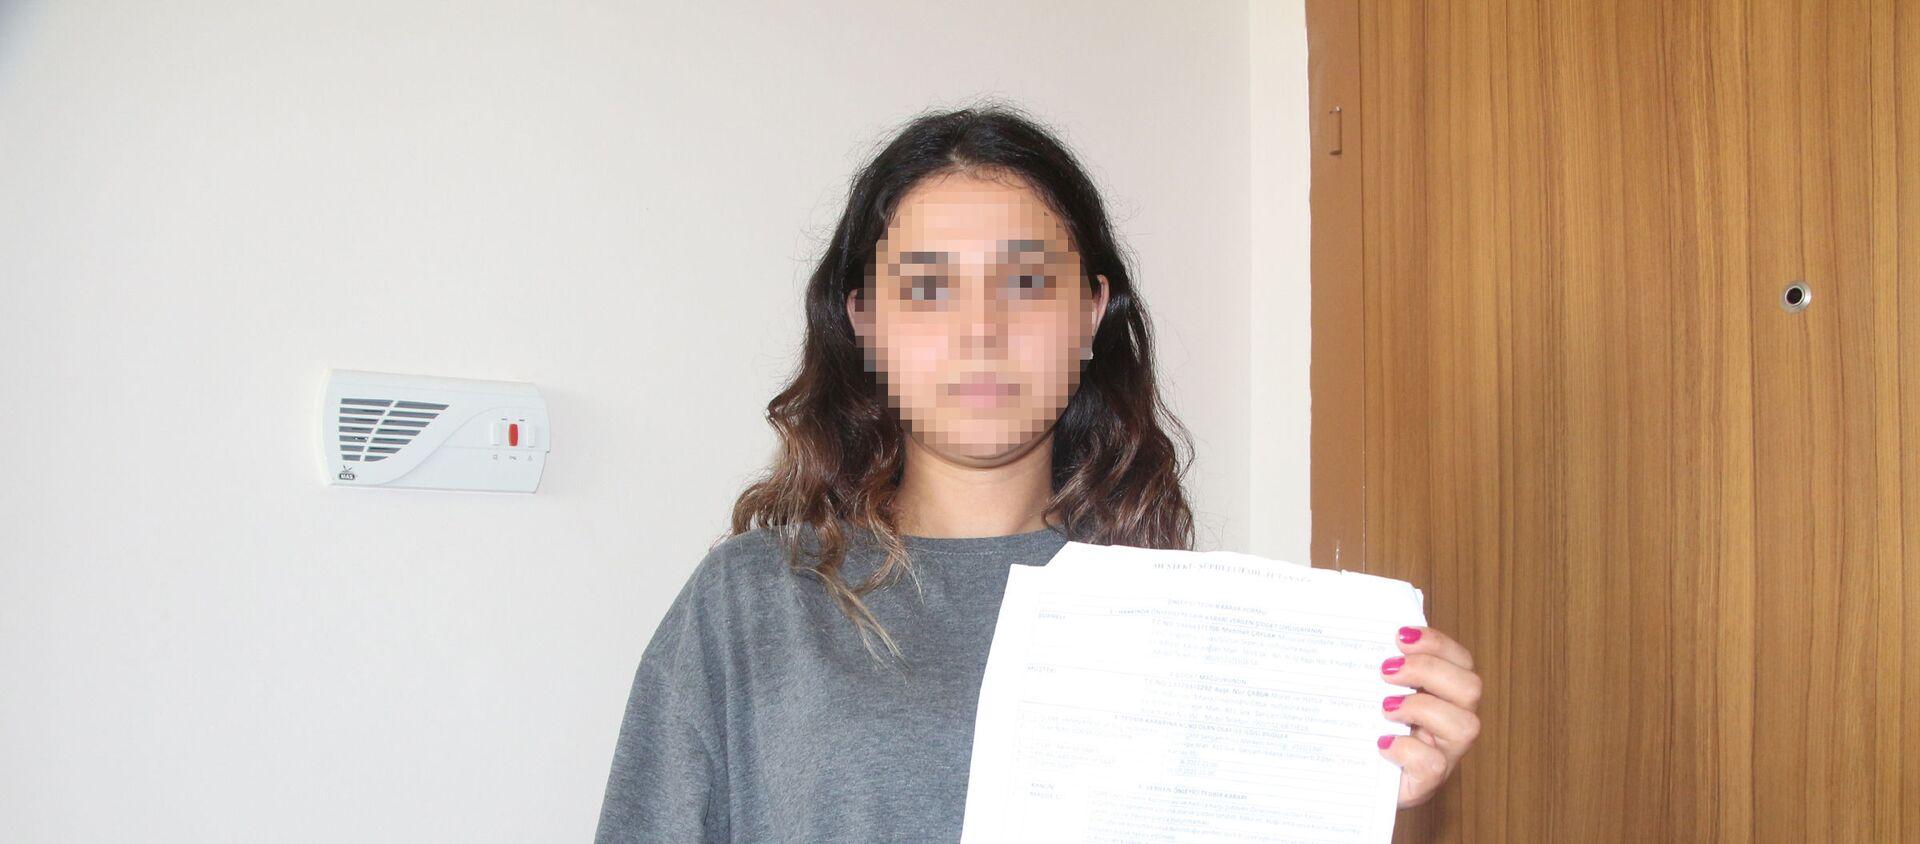 Ölüm tehditleri alan 2 çocuk annesi kadın: Türkiye'de yeni bir kadın cinayetinin kurbanı olmak istemiyorum - Sputnik Türkiye, 1920, 09.07.2021